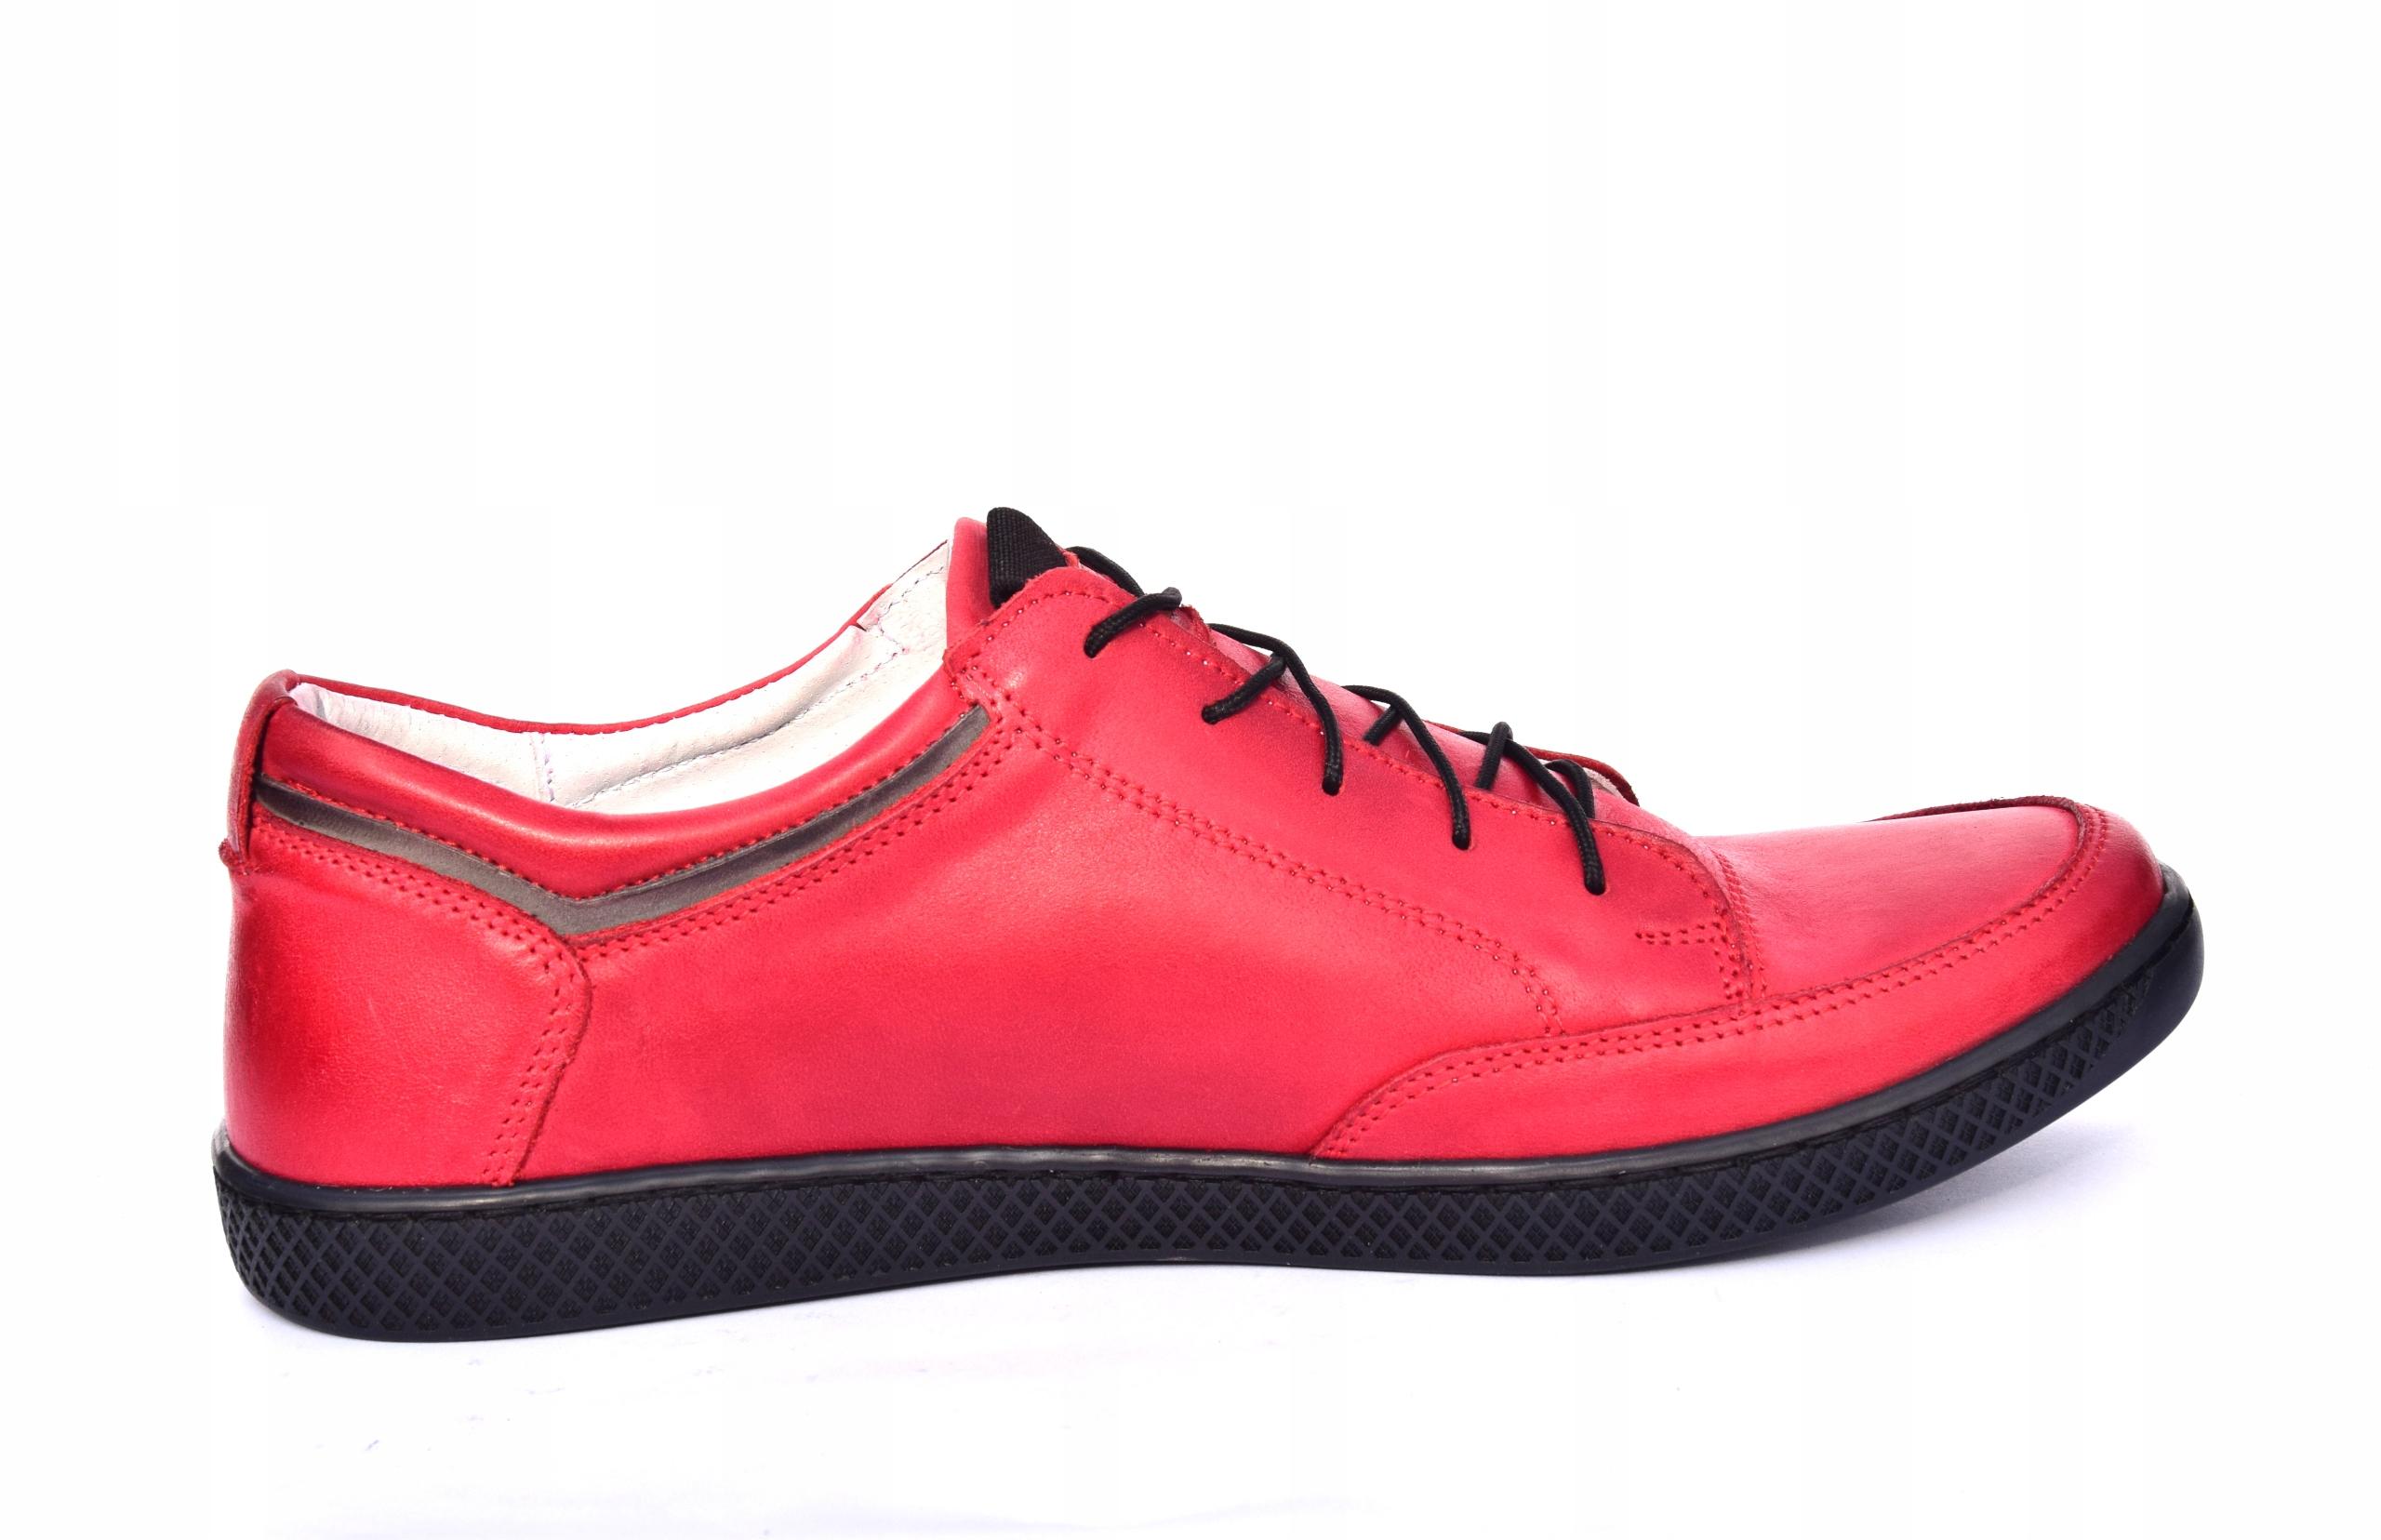 Skórzane czerwone sznurowane półbuty czerwone 0447 Rozmiar 43